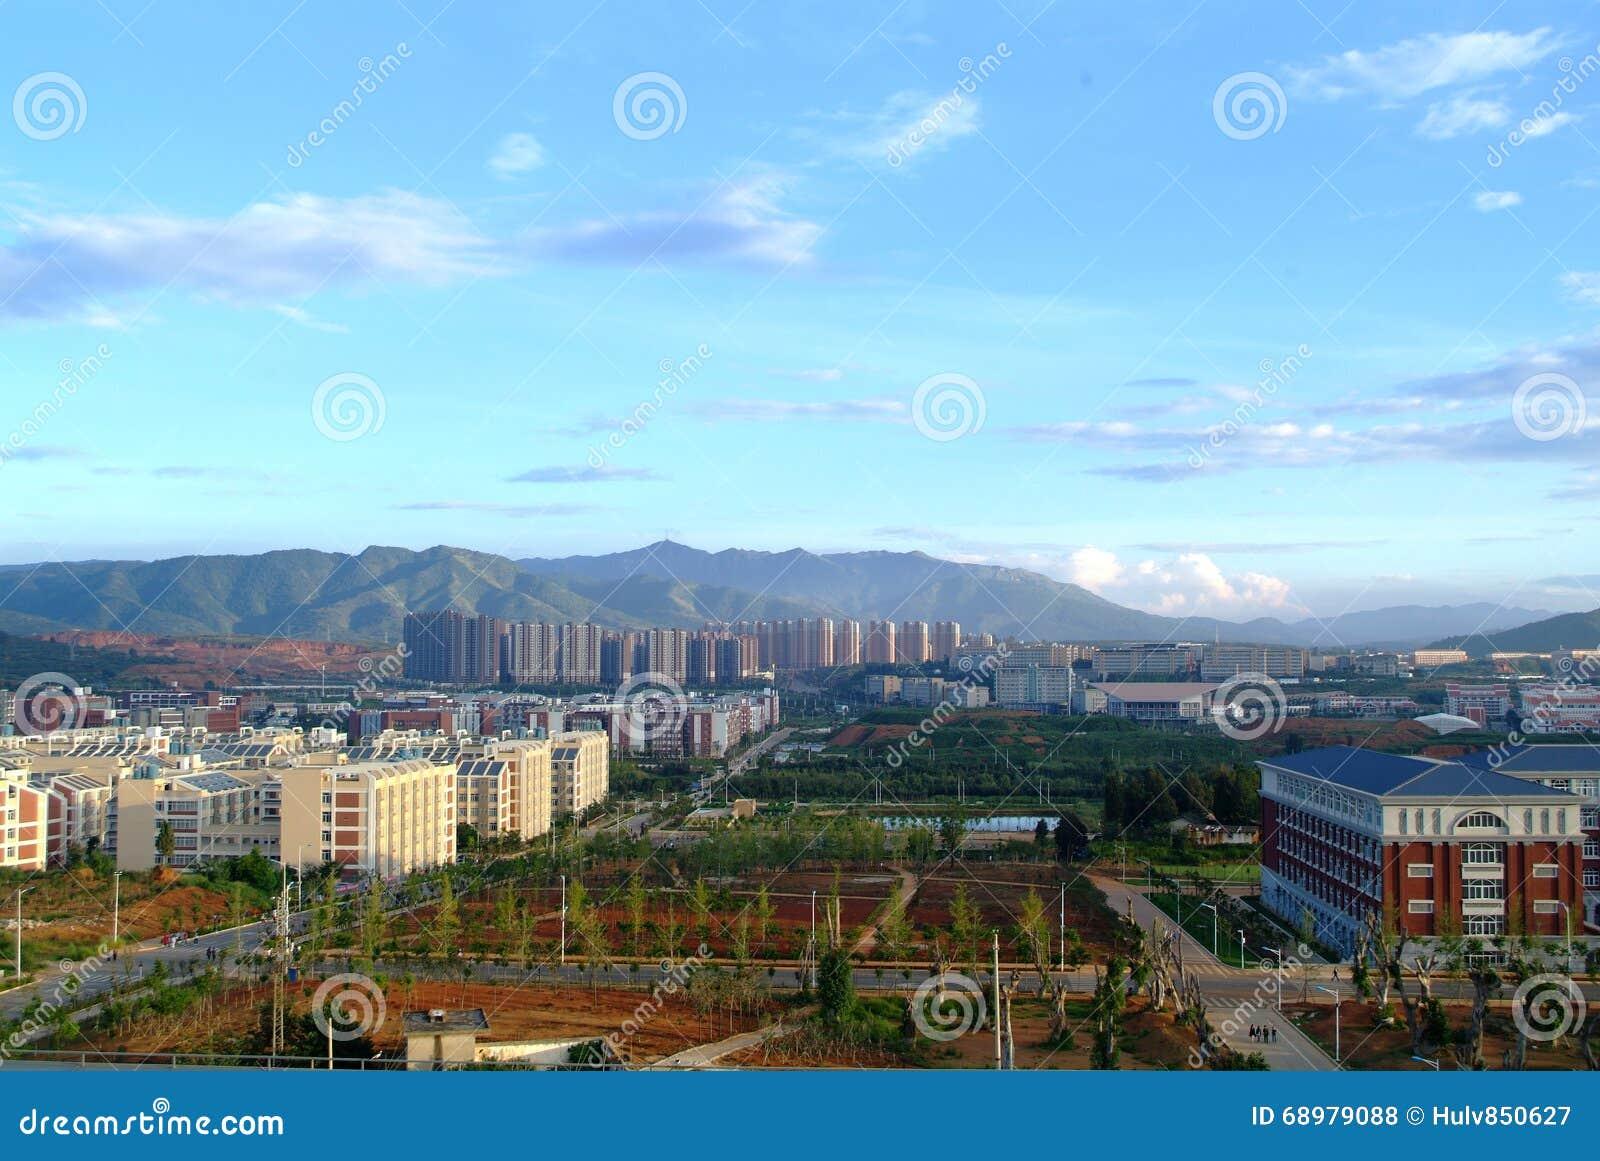 Ciudad debajo de la montaña